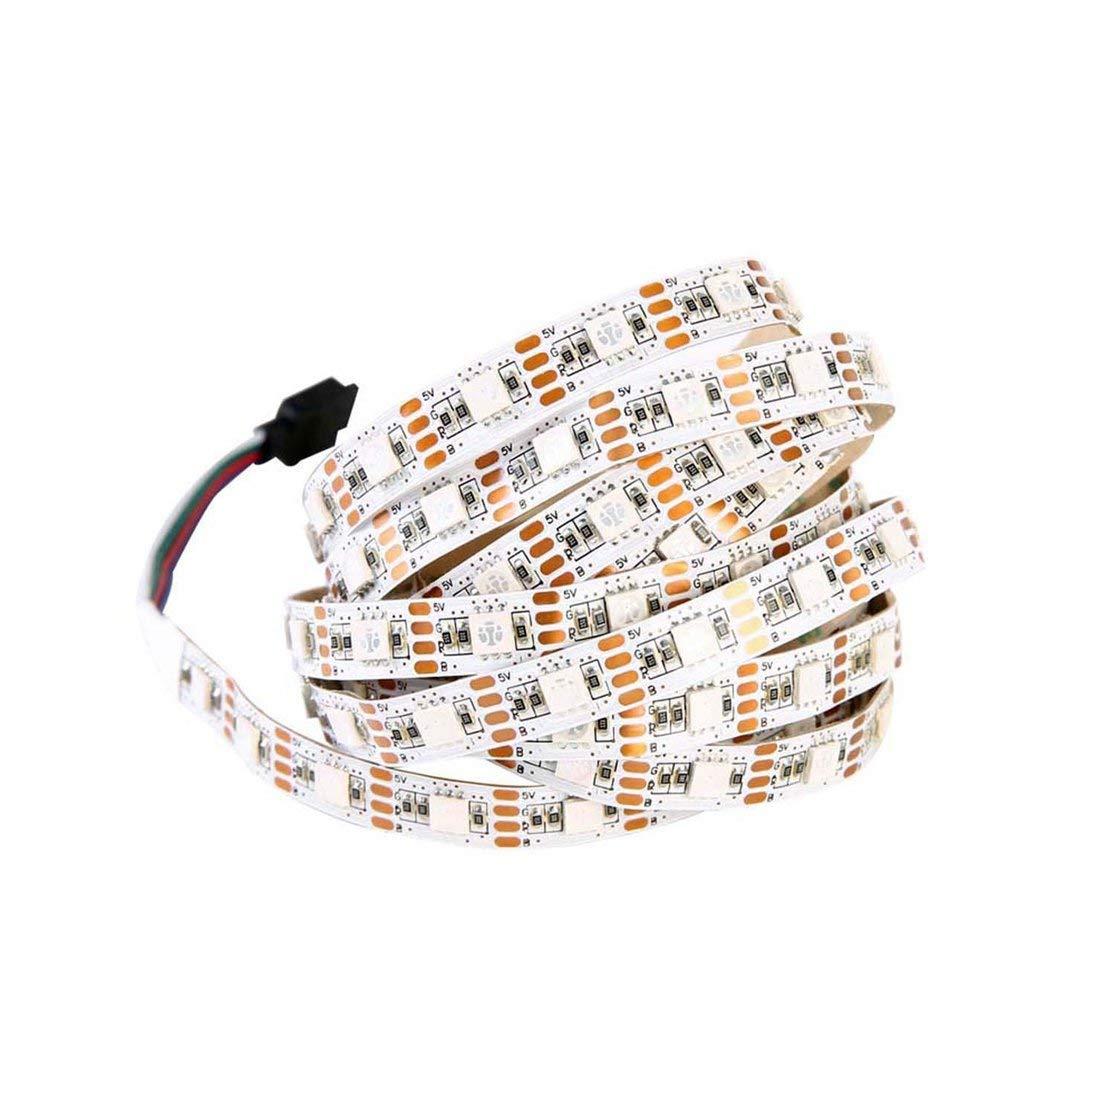 LouiseEvel215 Tira de luz LED USB 24 Colores cambiantes Cadena Cinta Cinta RGB LED TV retroiluminaci/ón con Control Remoto